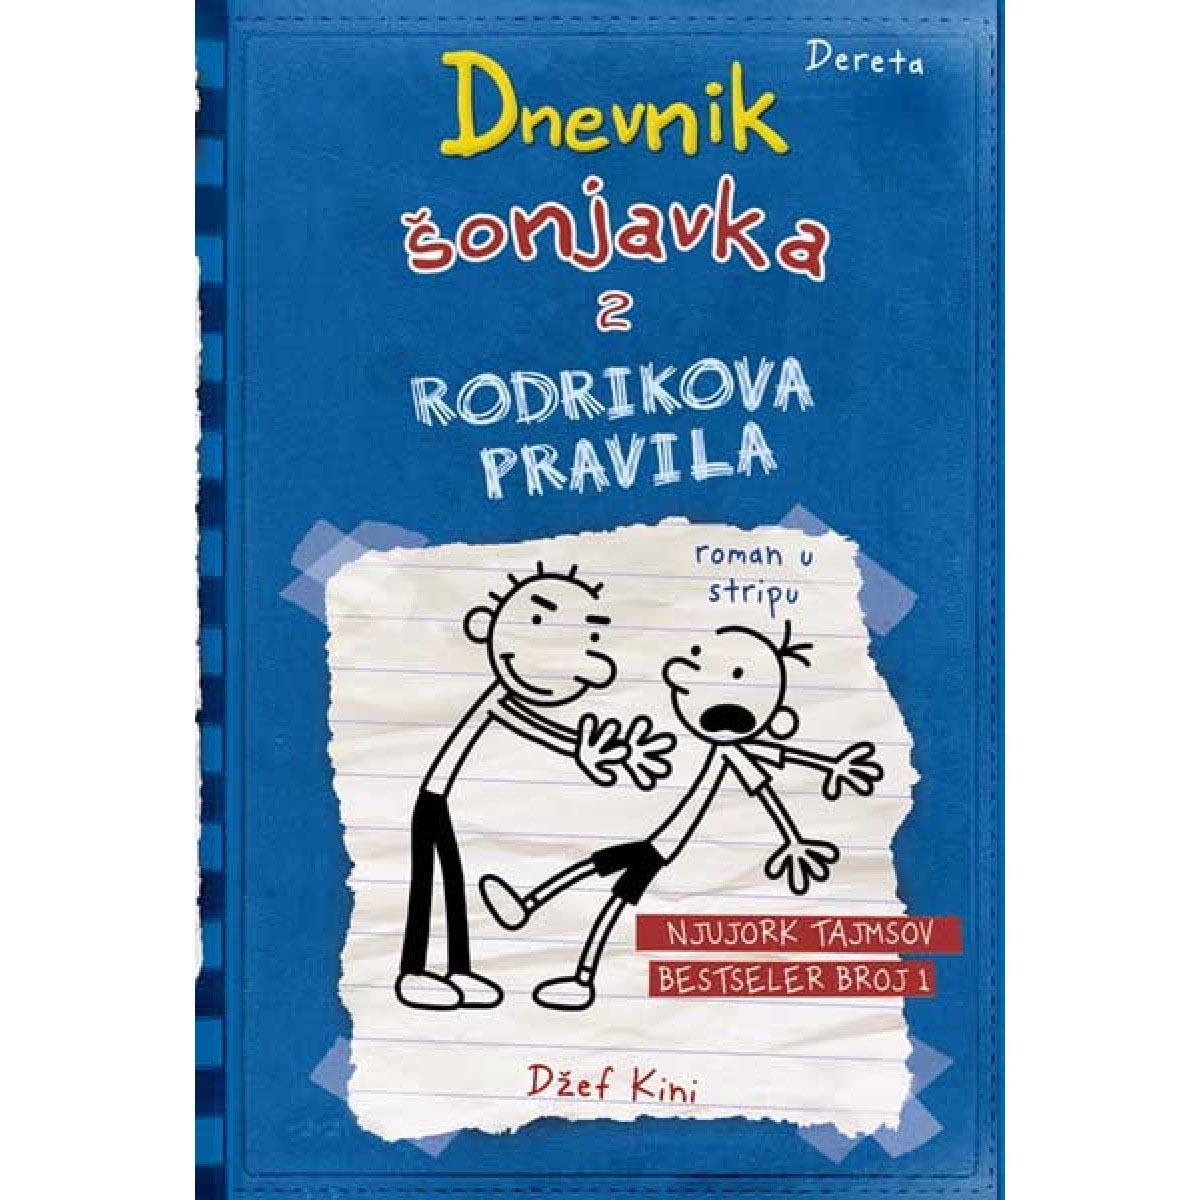 DNEVNIK ŠONJAVKA 2 Rodrikova pravila V izdanje